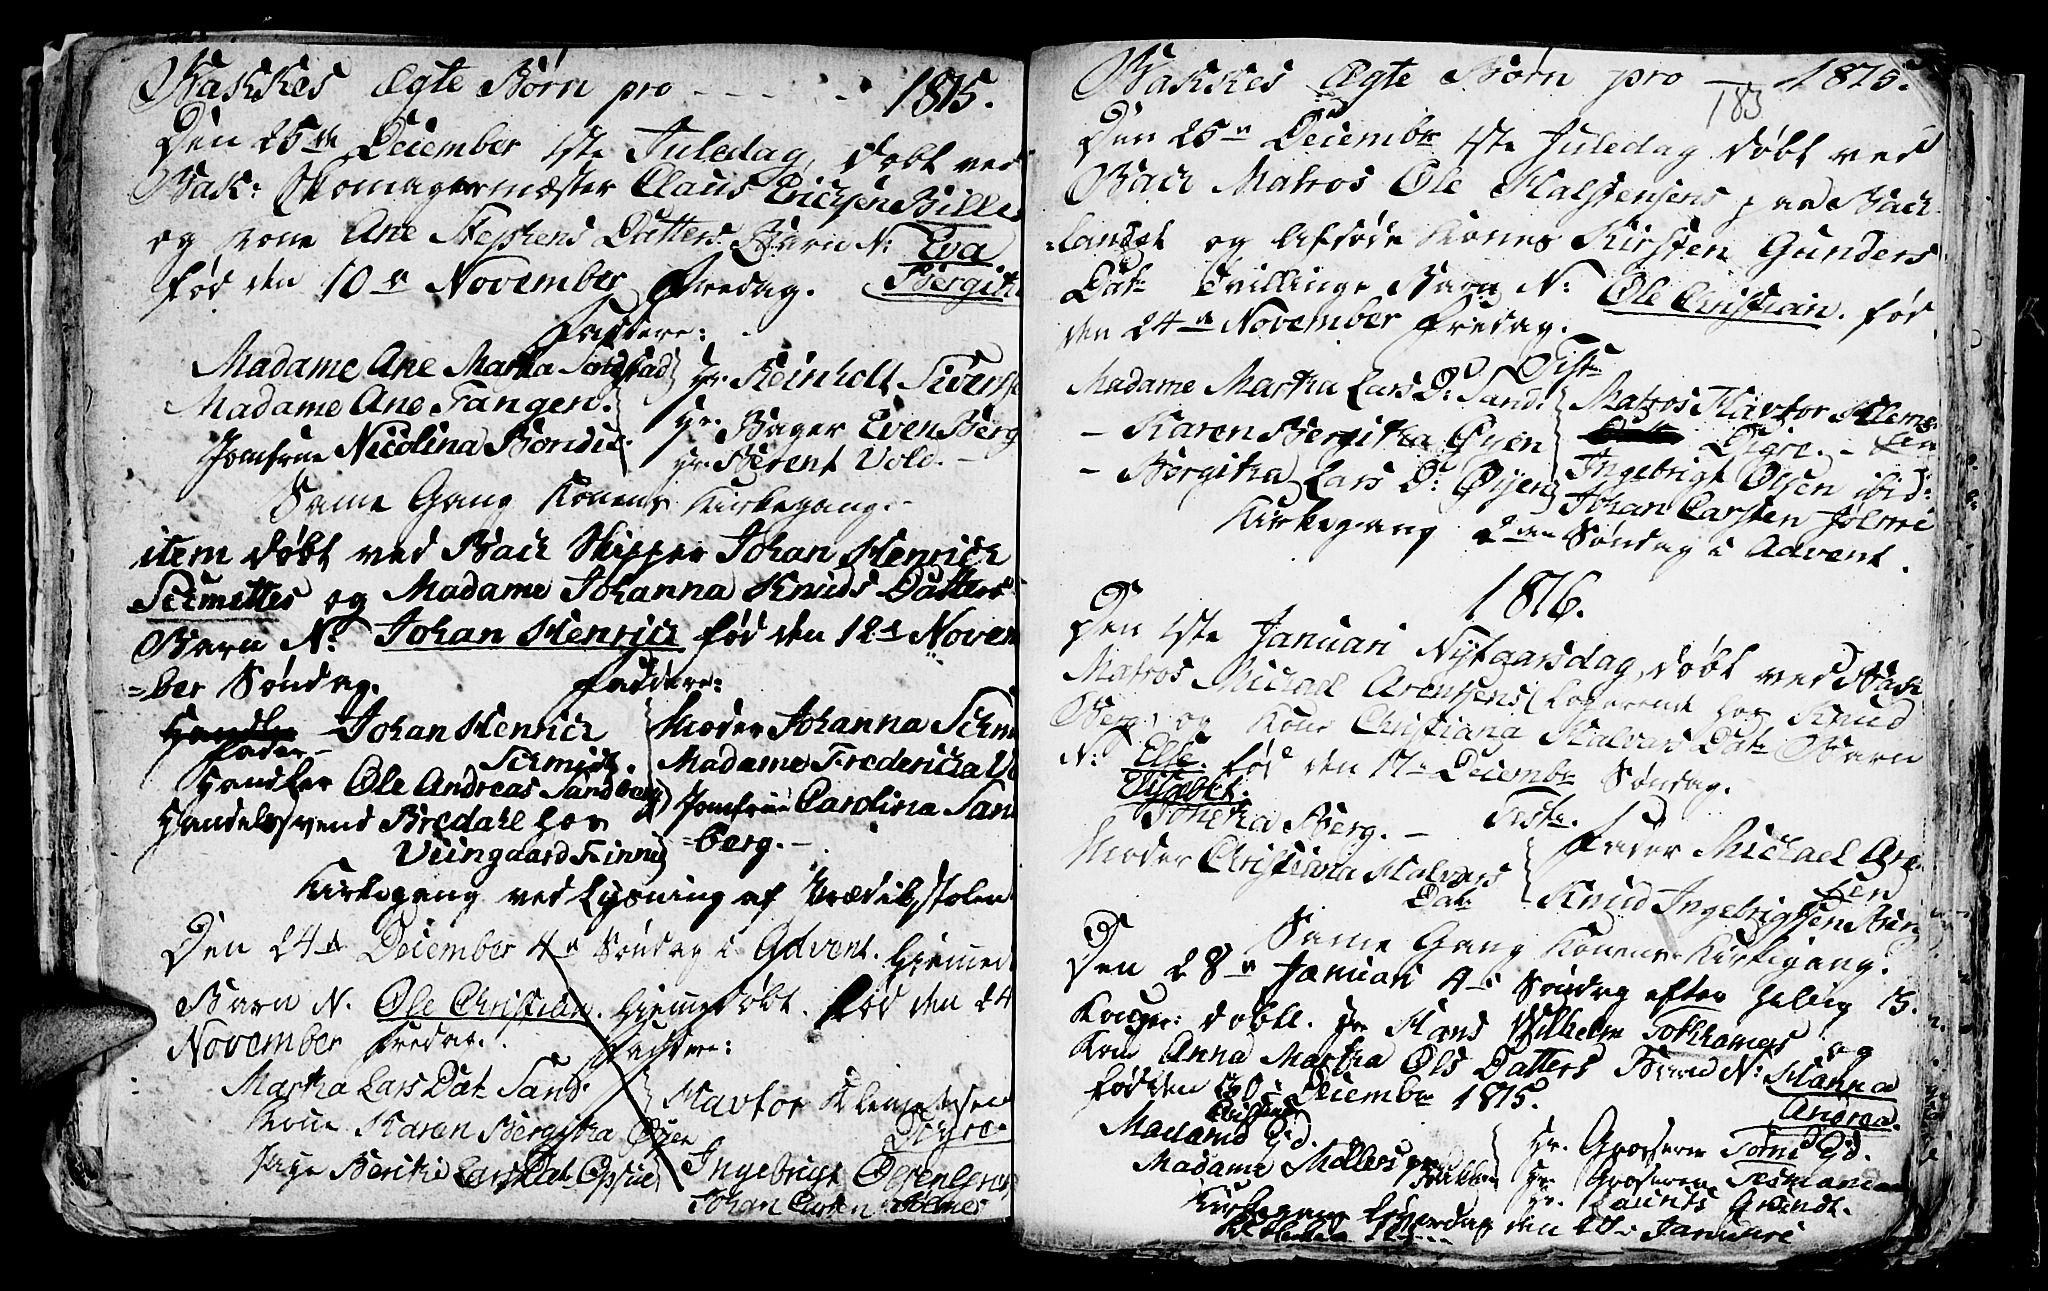 SAT, Ministerialprotokoller, klokkerbøker og fødselsregistre - Sør-Trøndelag, 604/L0218: Klokkerbok nr. 604C01, 1754-1819, s. 185